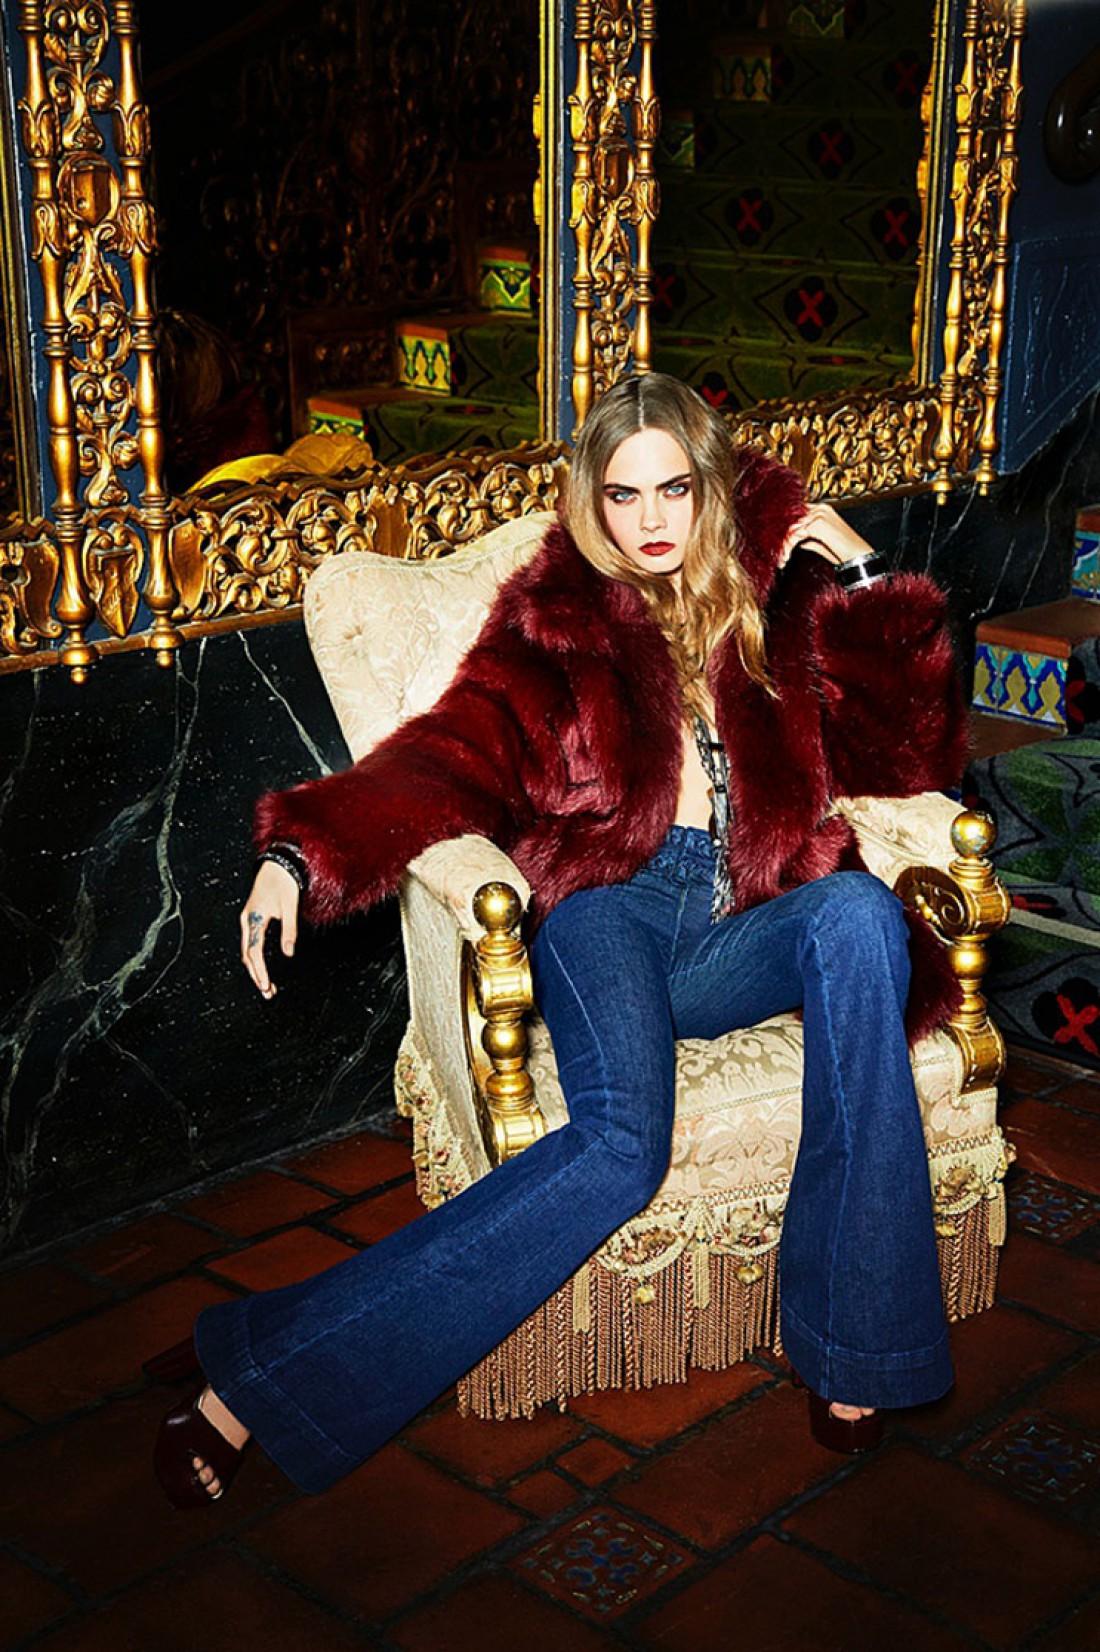 Модель Кара Делевинь снялась в новой фотосессии